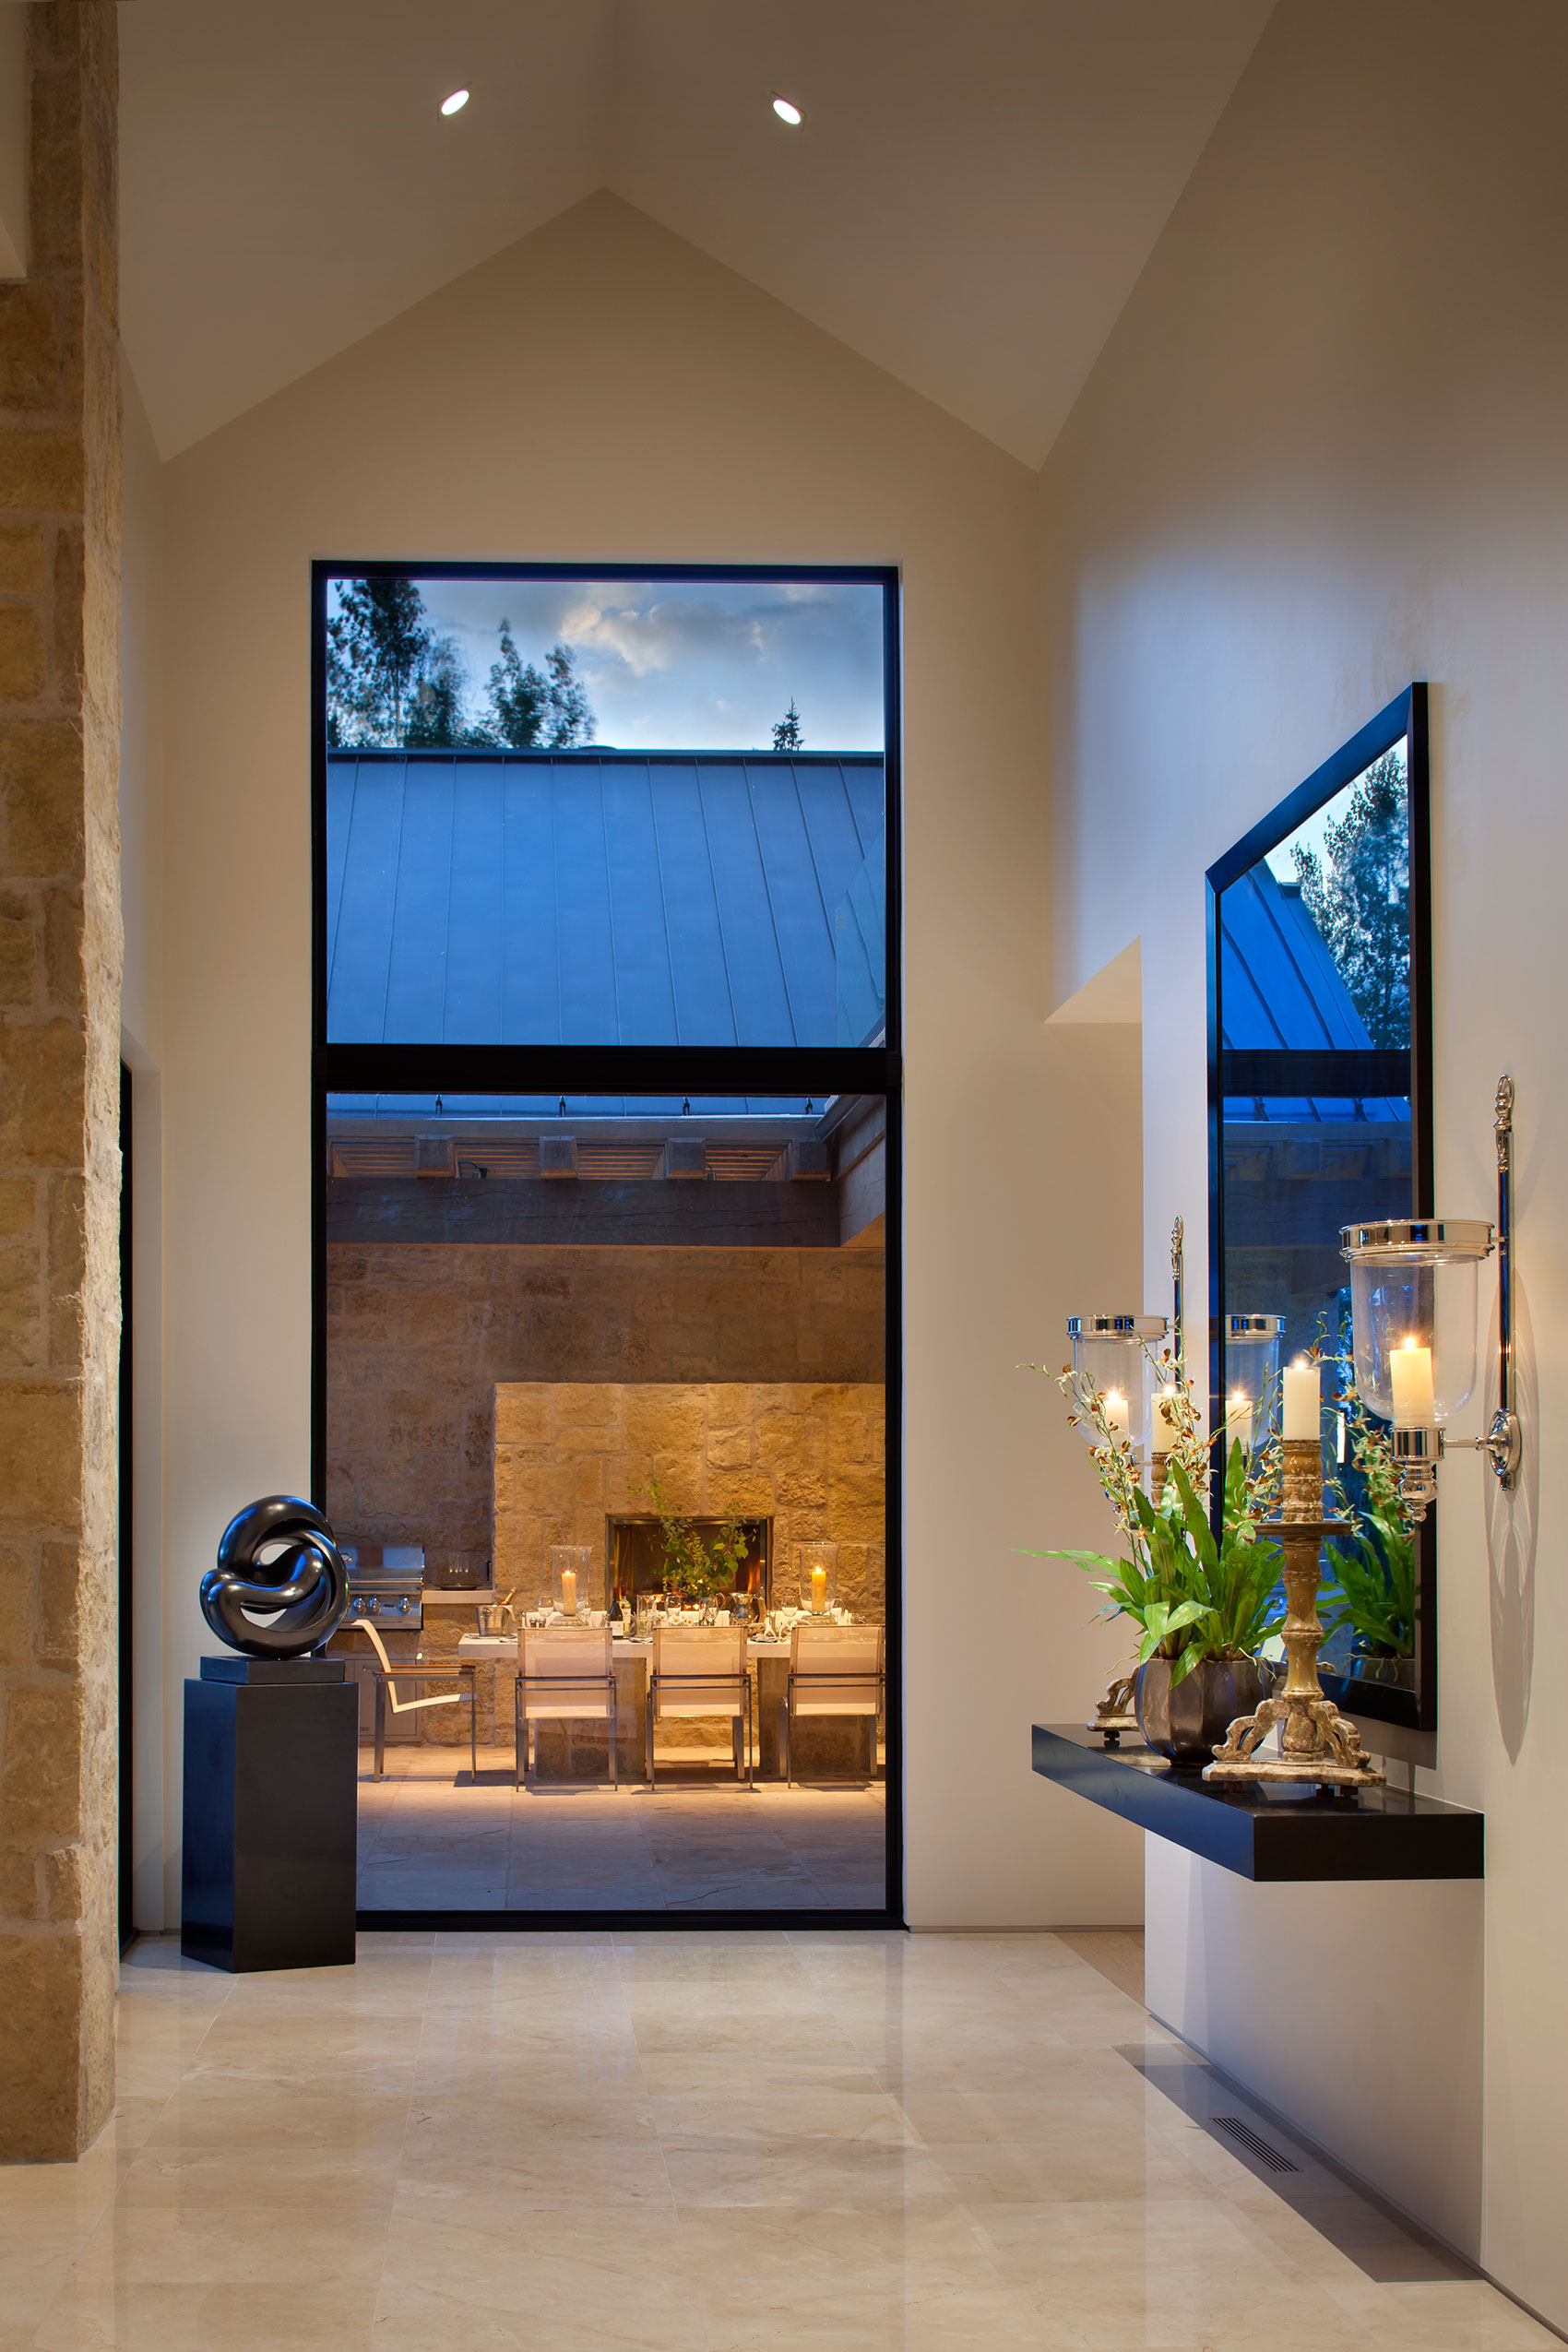 Sunnyside Aspen Brewster McLeod Architects